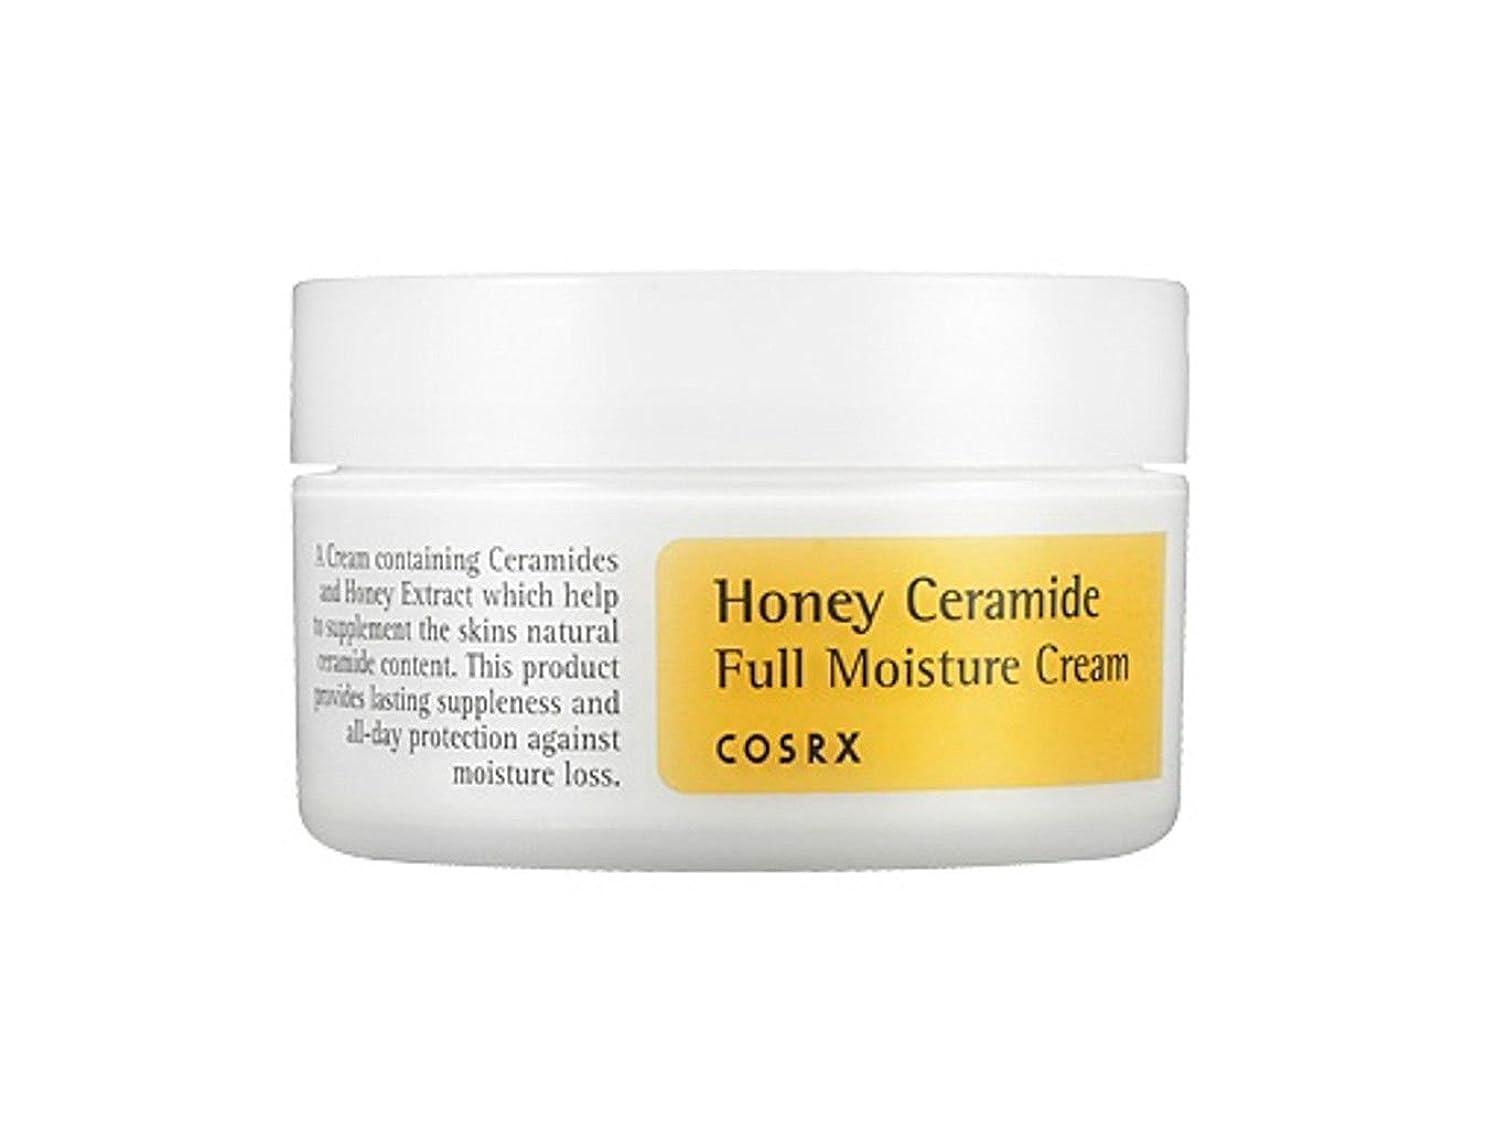 従事する見込み眉COSRX Honey Ceramide Full Moisture Cream 50ml/COSRX ハニー セラミド フル モイスチャー クリーム 50ml [並行輸入品]